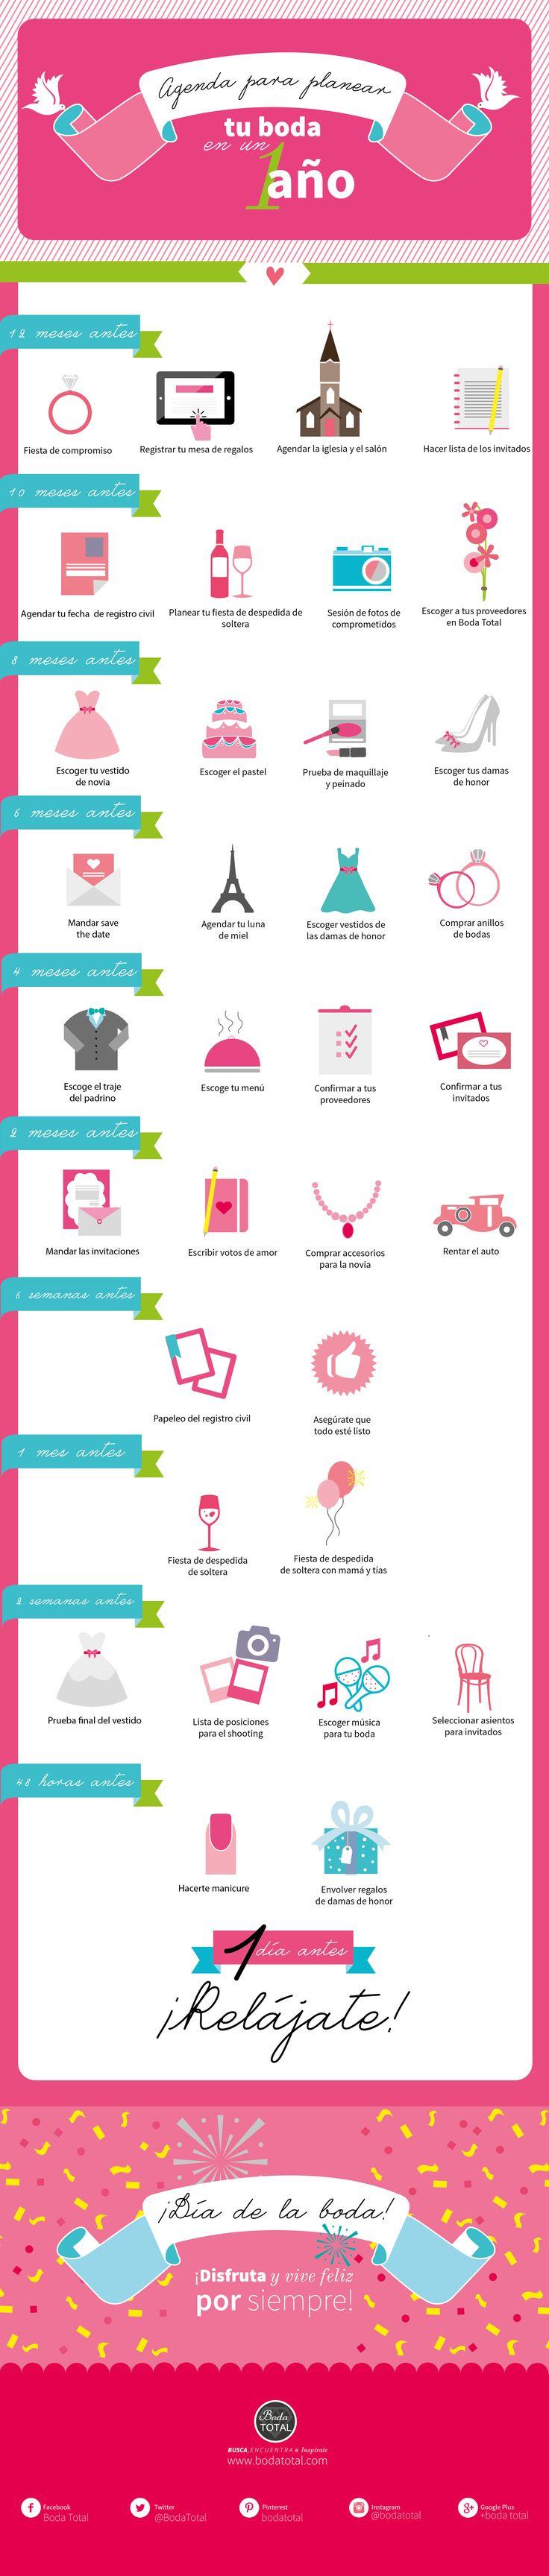 ¿Ya te vas a casar? Planea tu boda en un año con estos sencillos pasos #BodaTota